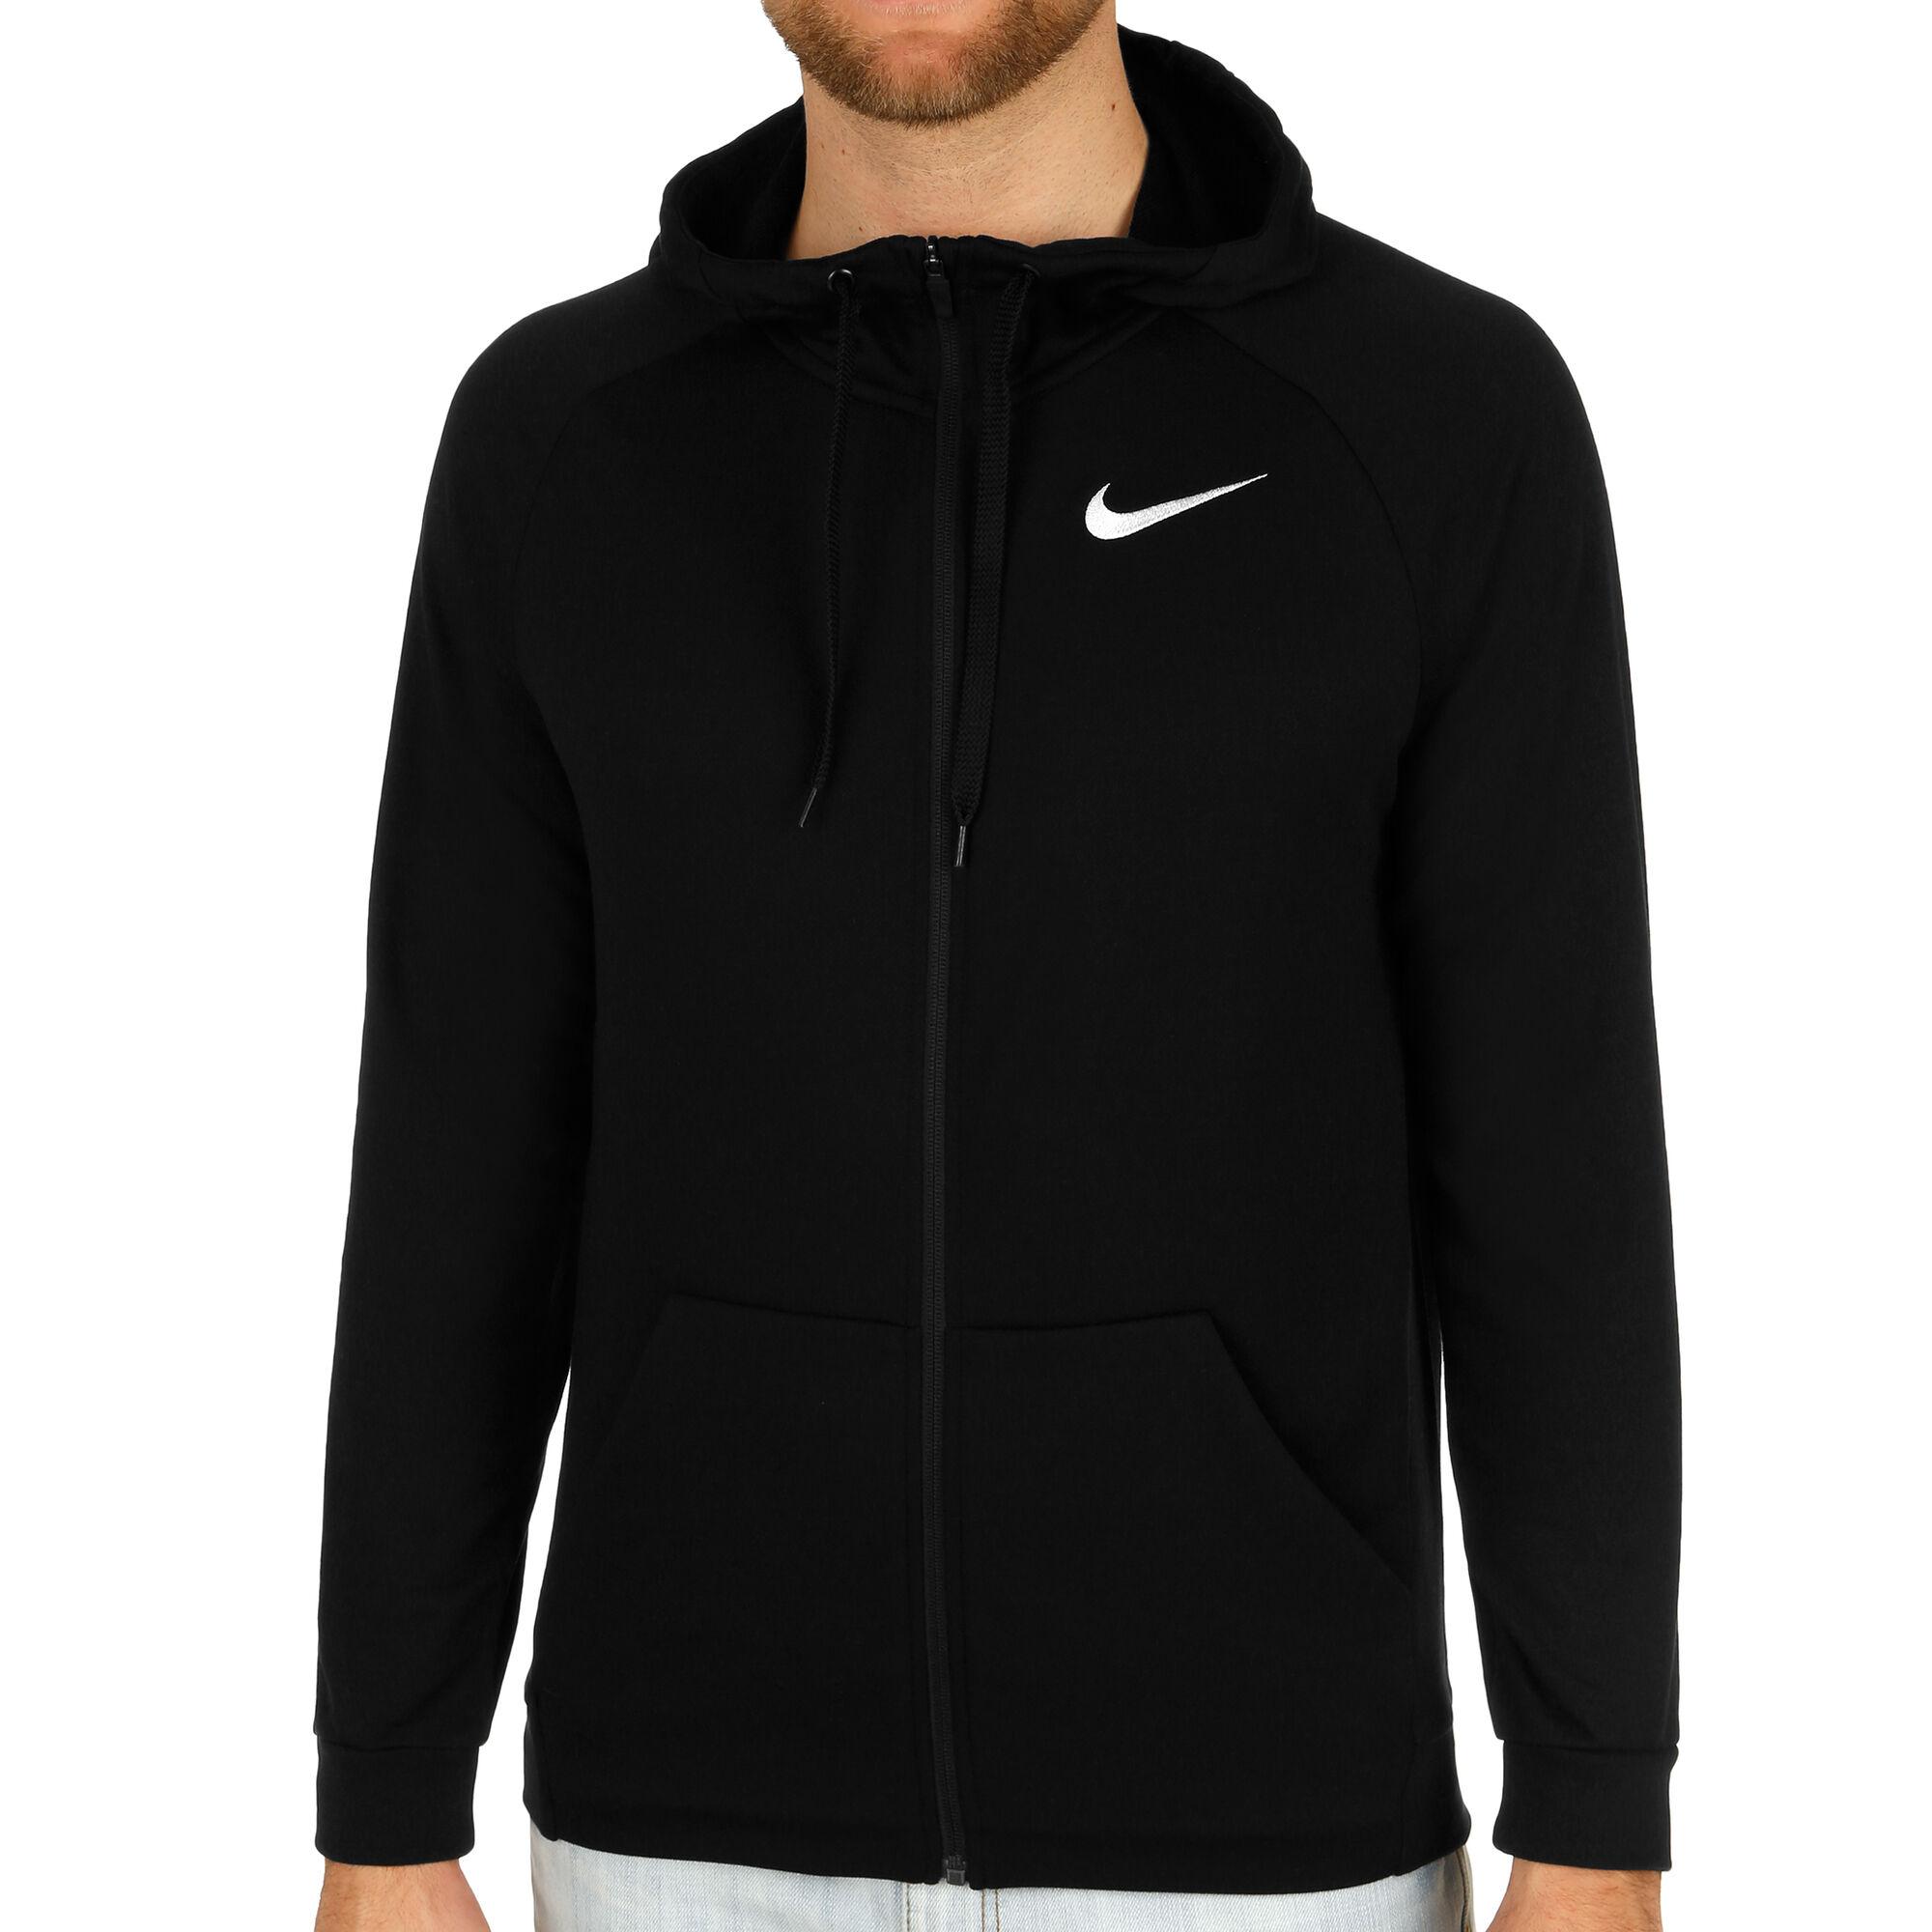 administración girasol es inutil  Nike Dry Training Chaqueta Sudadera Hombres - Negro, Blanco compra online |  Tennis-Point